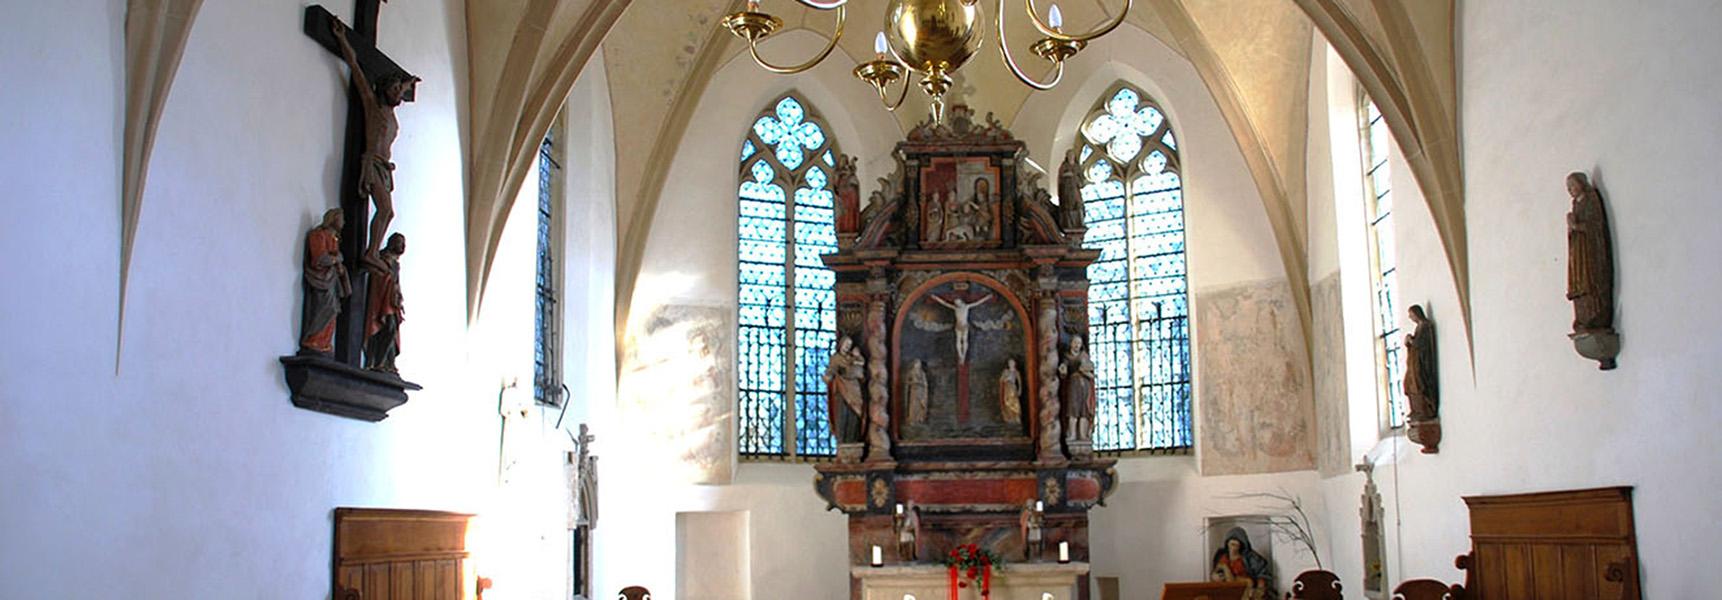 Die Alte Kirche in Mesum Innenansicht